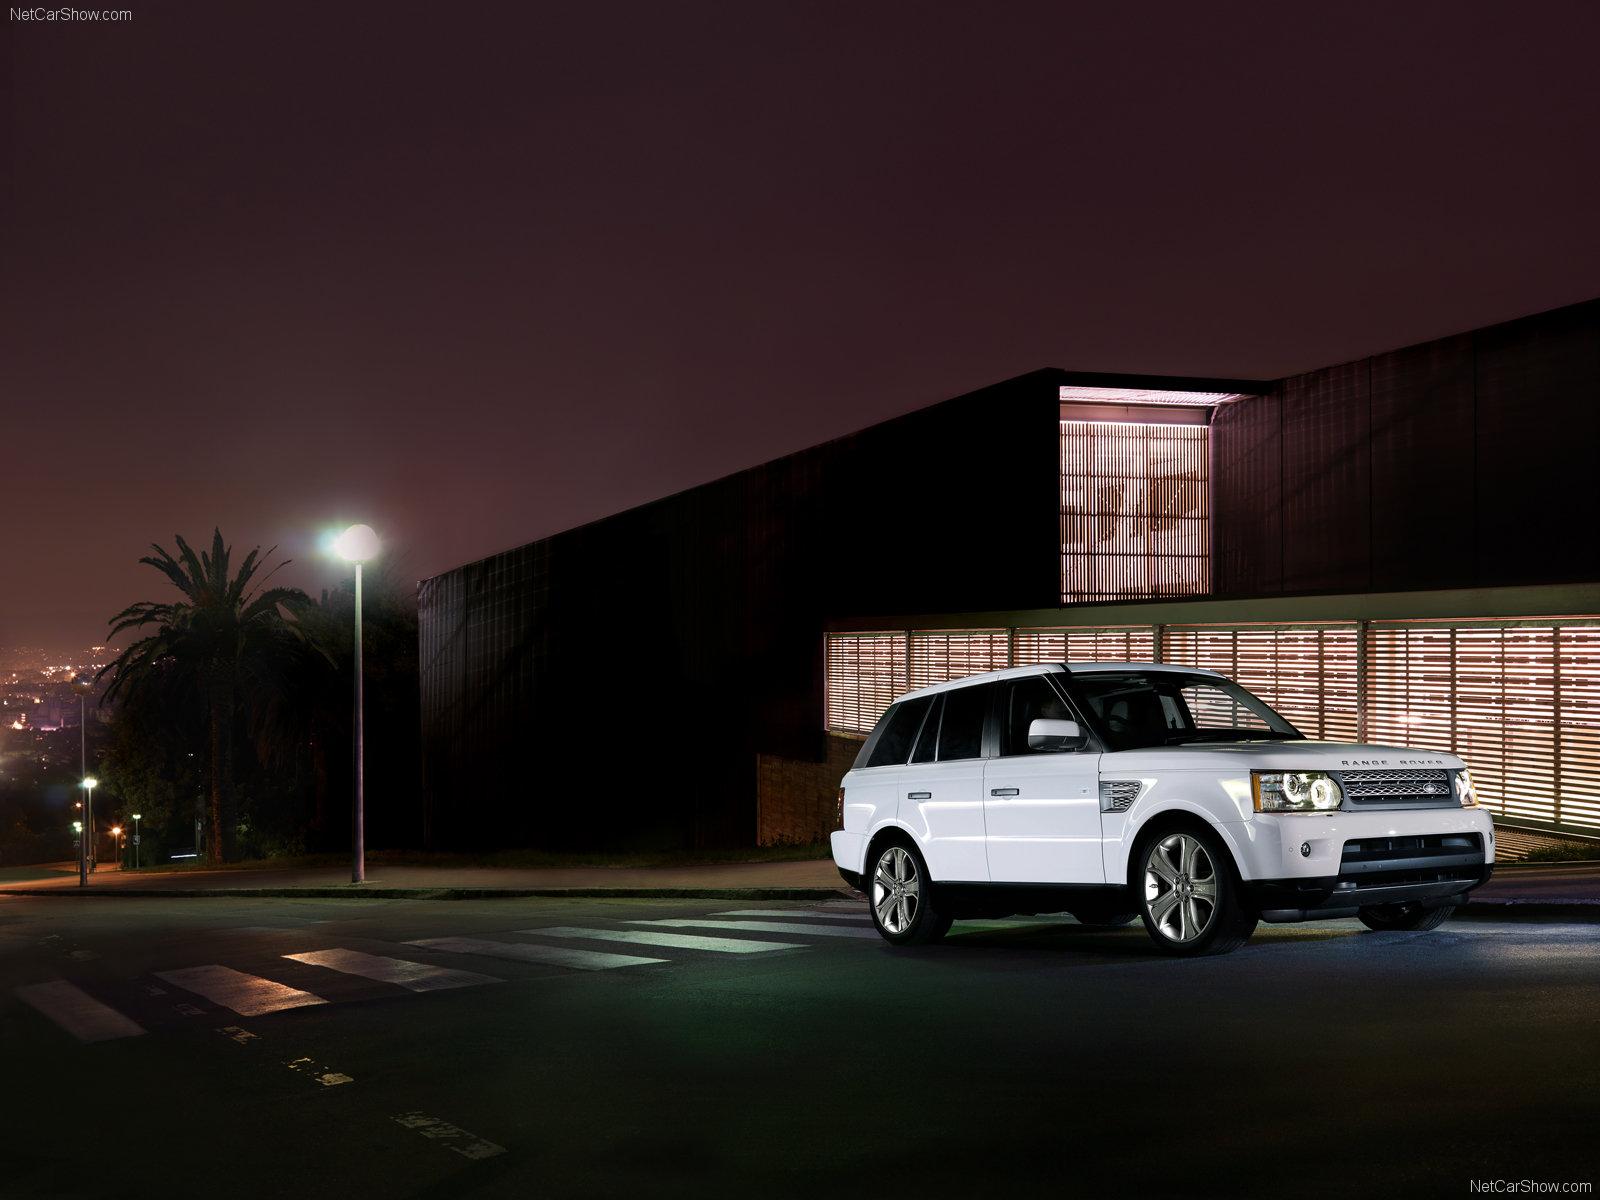 http://4.bp.blogspot.com/-2QRWjc-8bX4/T99p4noPNbI/AAAAAAAAA9k/pc6yGZtC3YQ/s1600/Land-Rover-Range-Rover-Sport-1600x1200_wallpaper_02.jpg